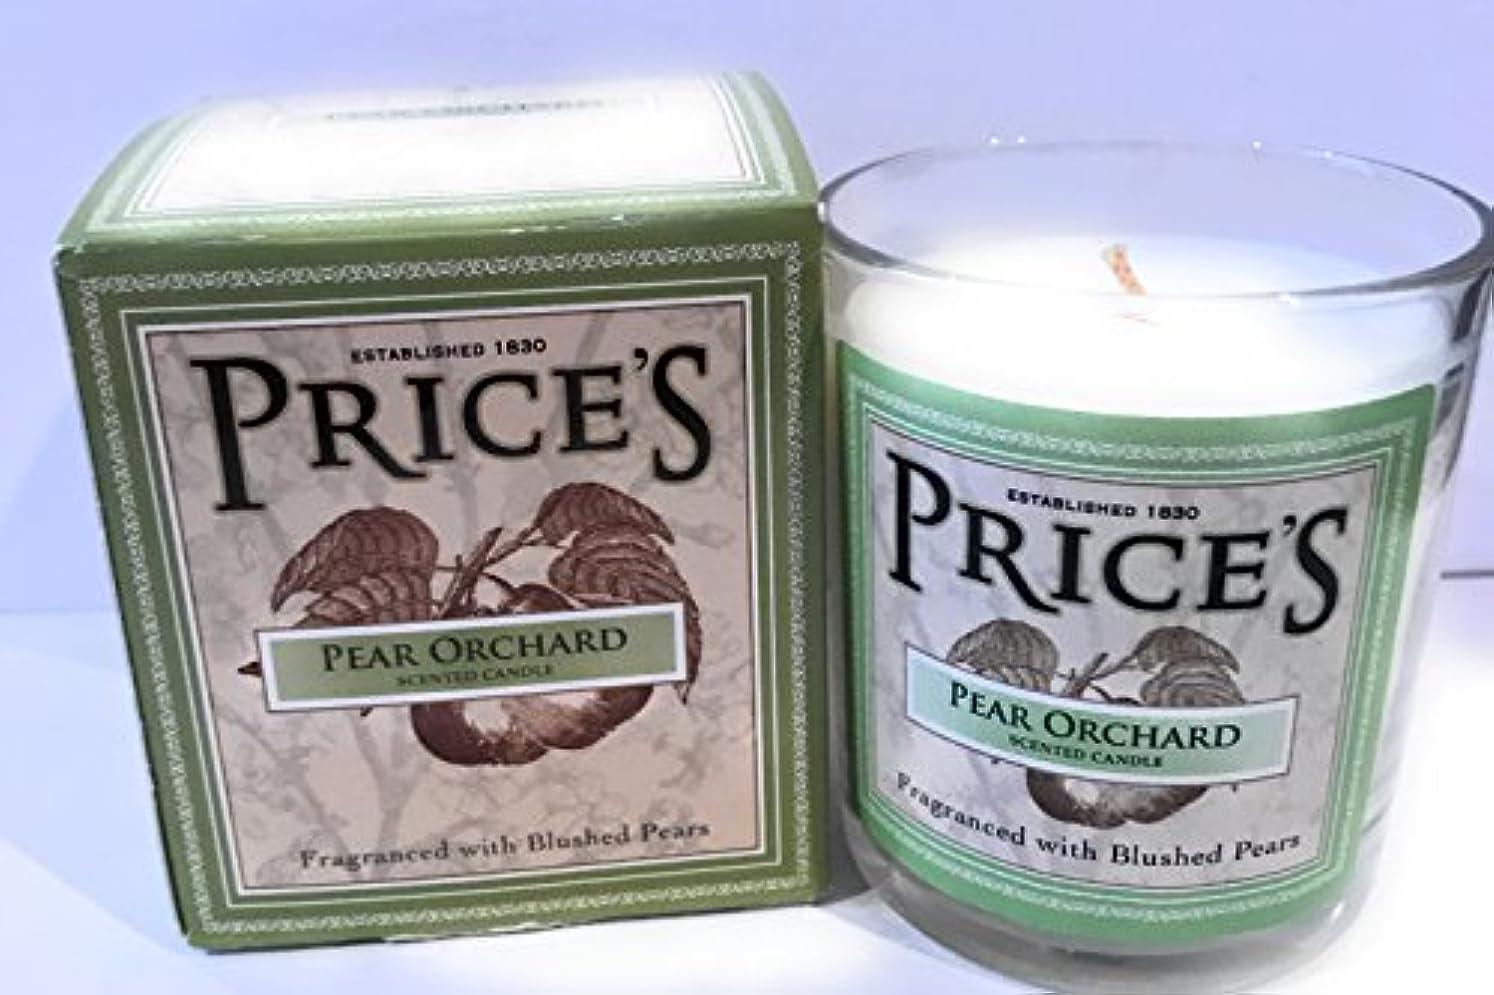 雑品除外する新しい意味価格梨オーチャードScented Candle 5.8 Oz